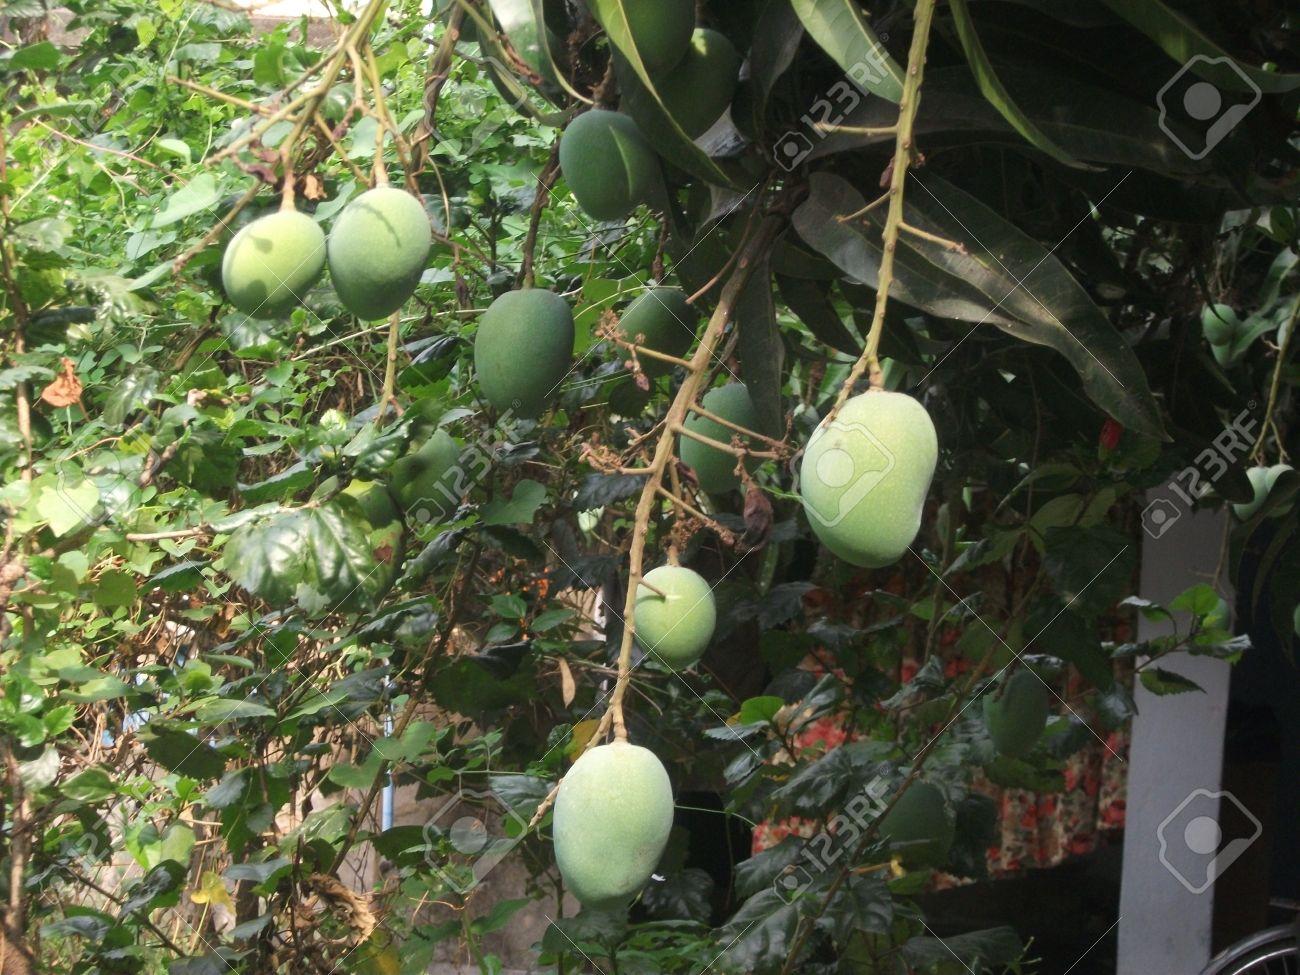 el mango es una fruta nacional de la india pakist n y filipinas rh es 123rf com fruta nacional de colombia fruta nacional de colombia